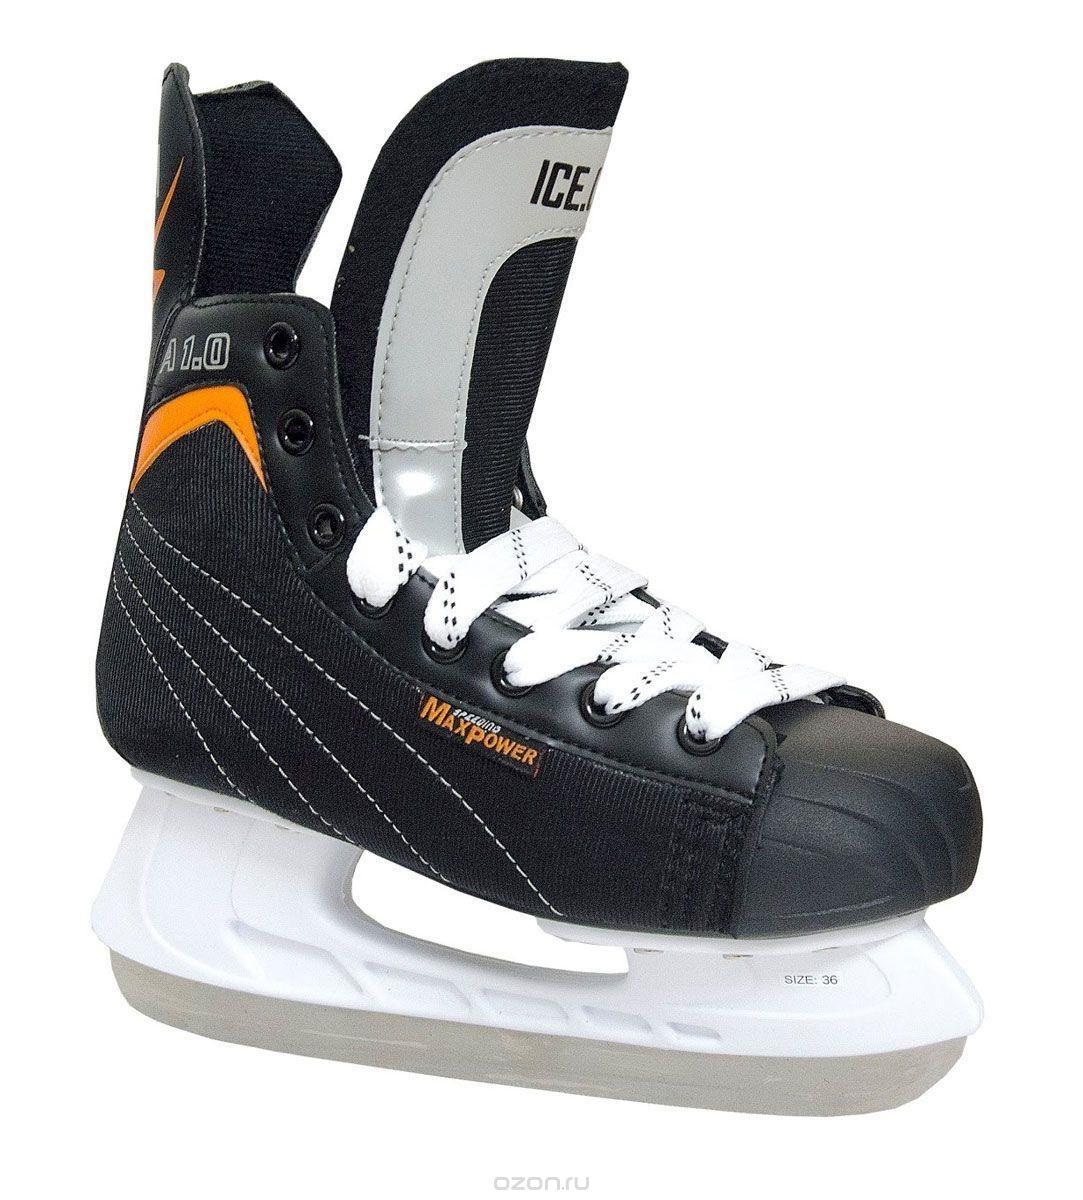 Коньки хоккейные  Ice Com мод. А1.0  р.45